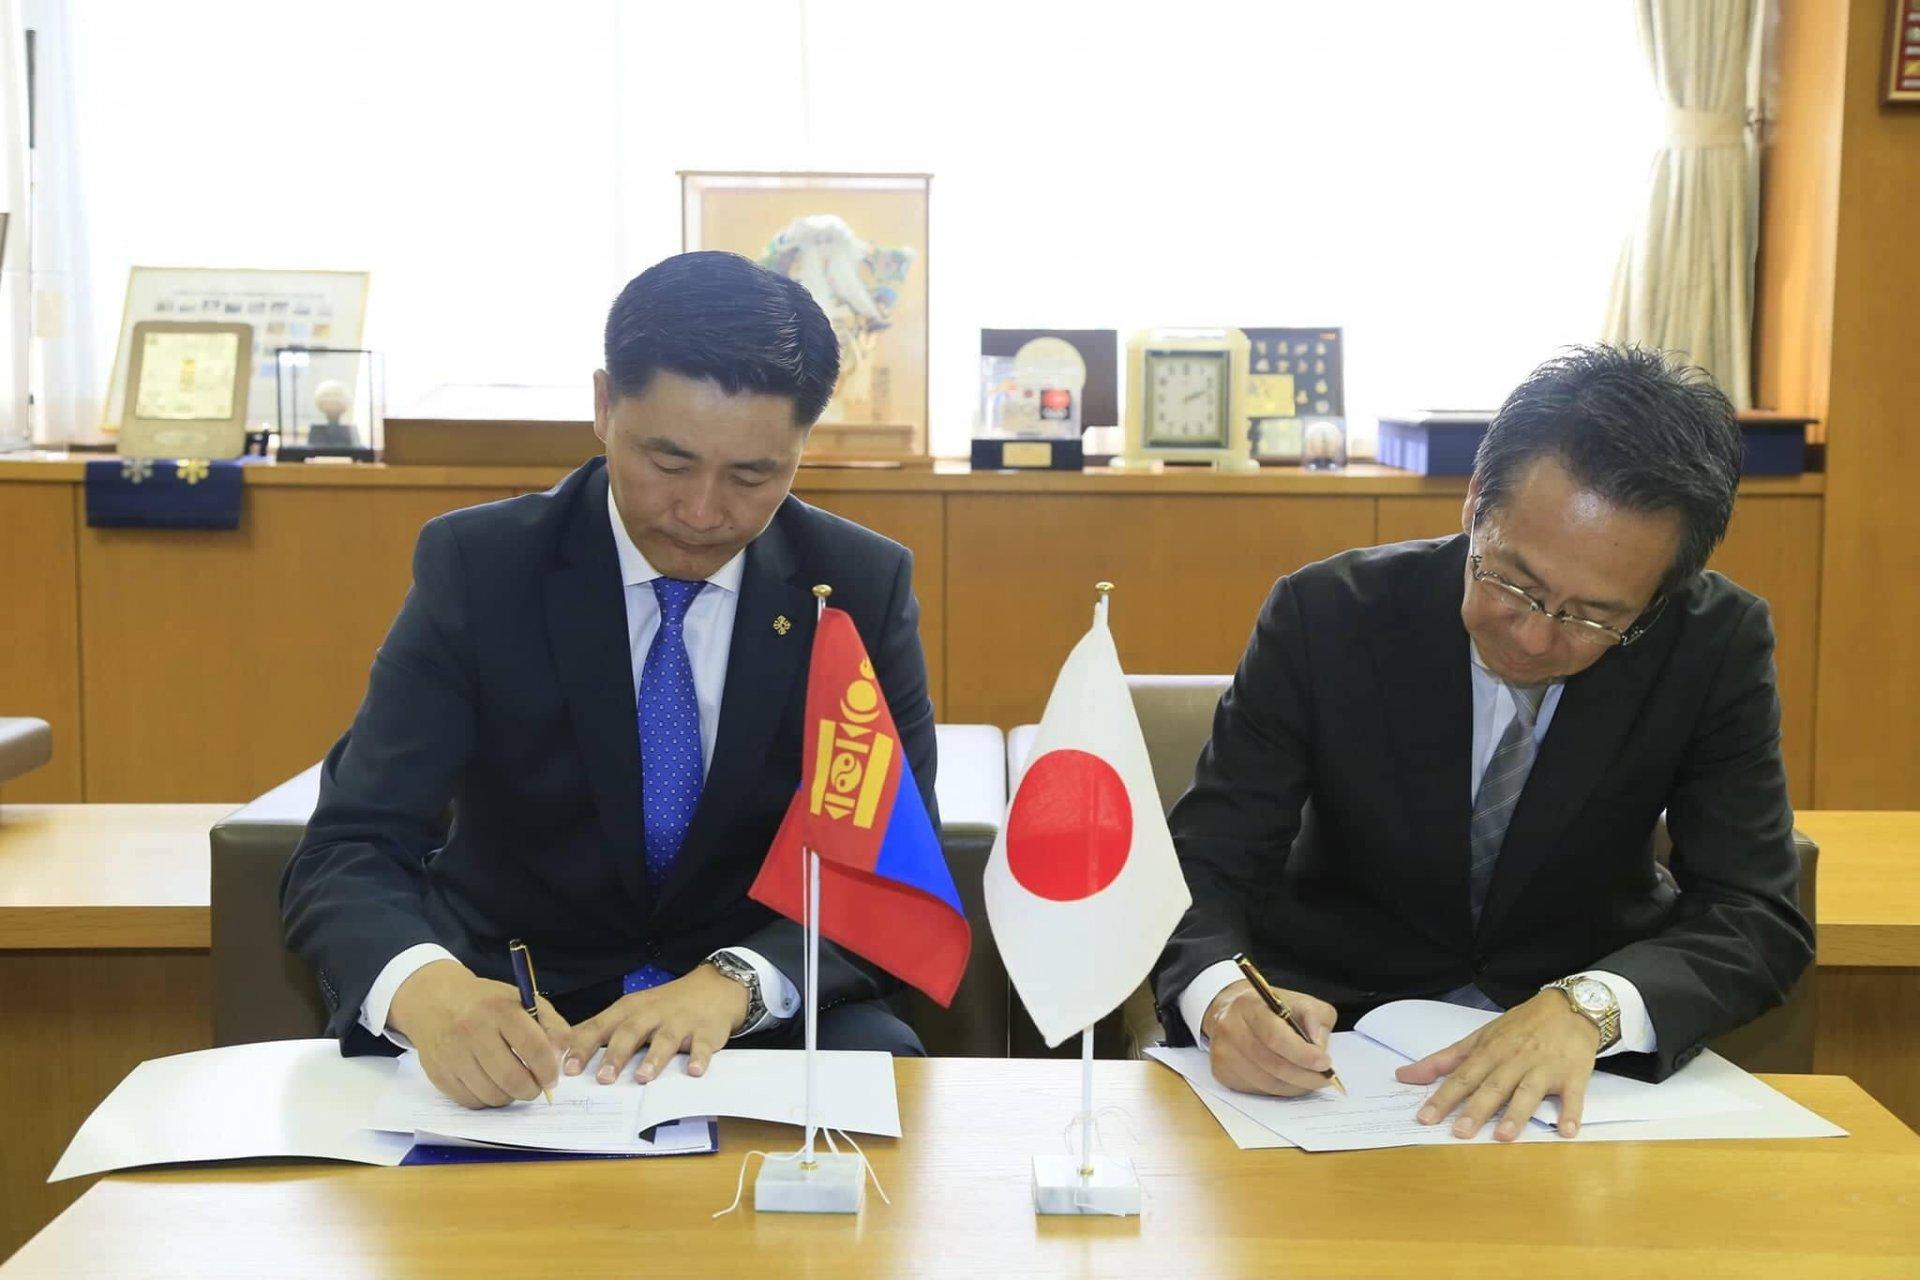 Олимпийн нээлт, хаалтад Монгол уран бүтээлчдээс оролцуулахыг хүслээ